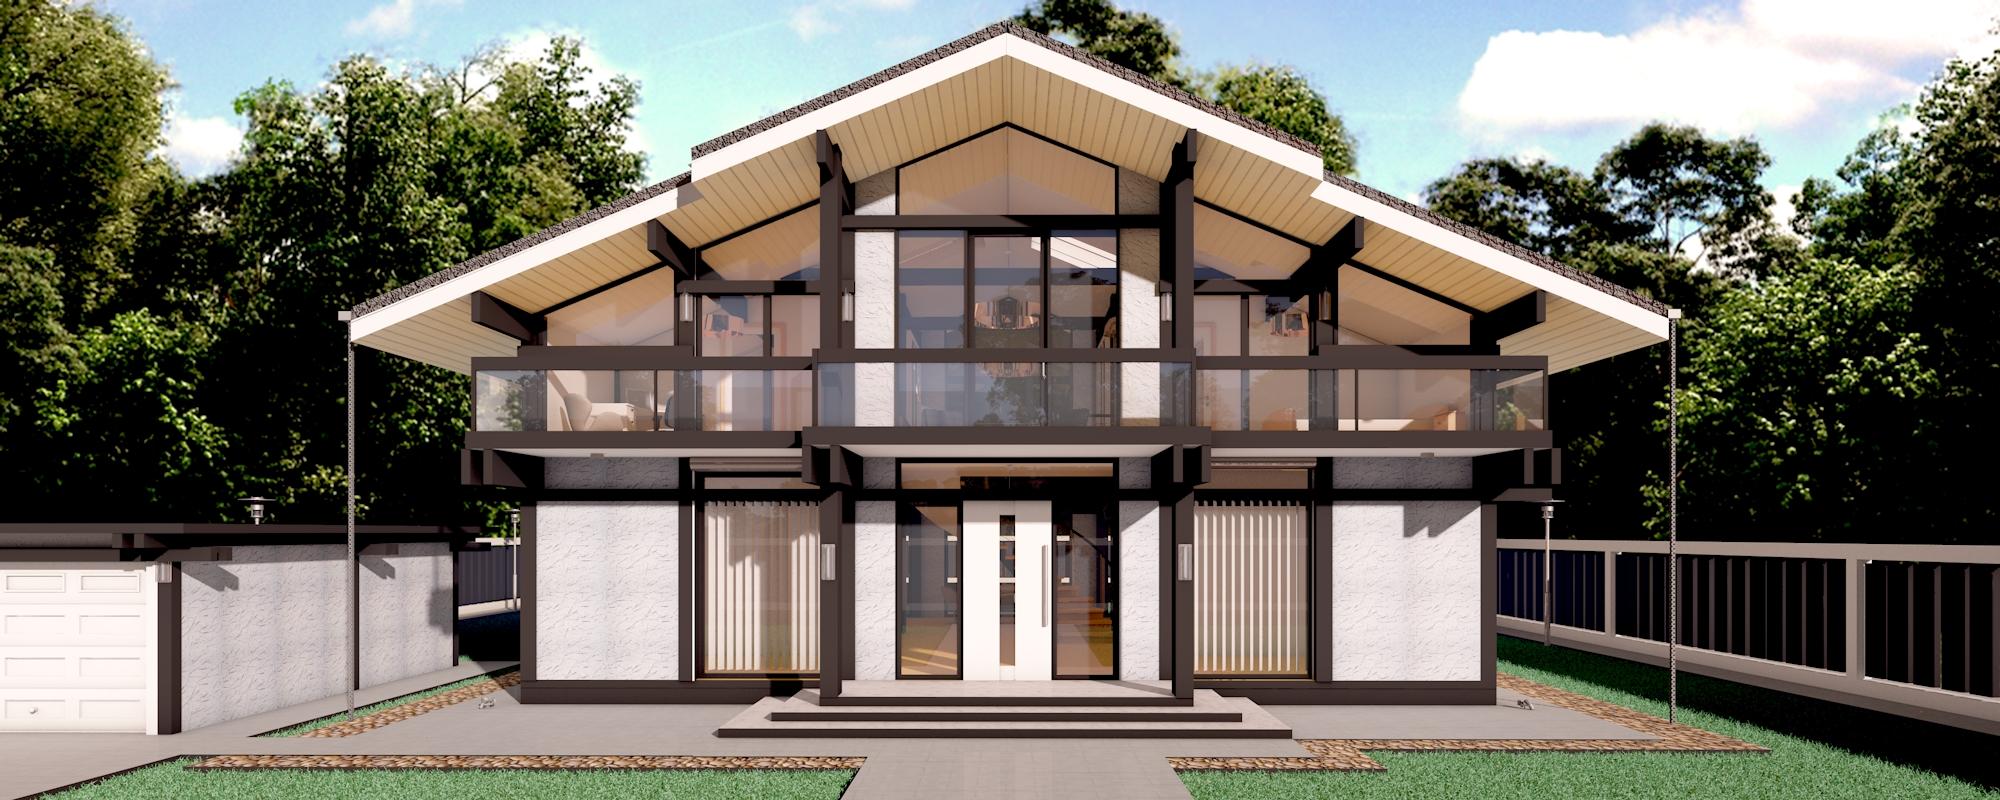 etapele caselor de lemn